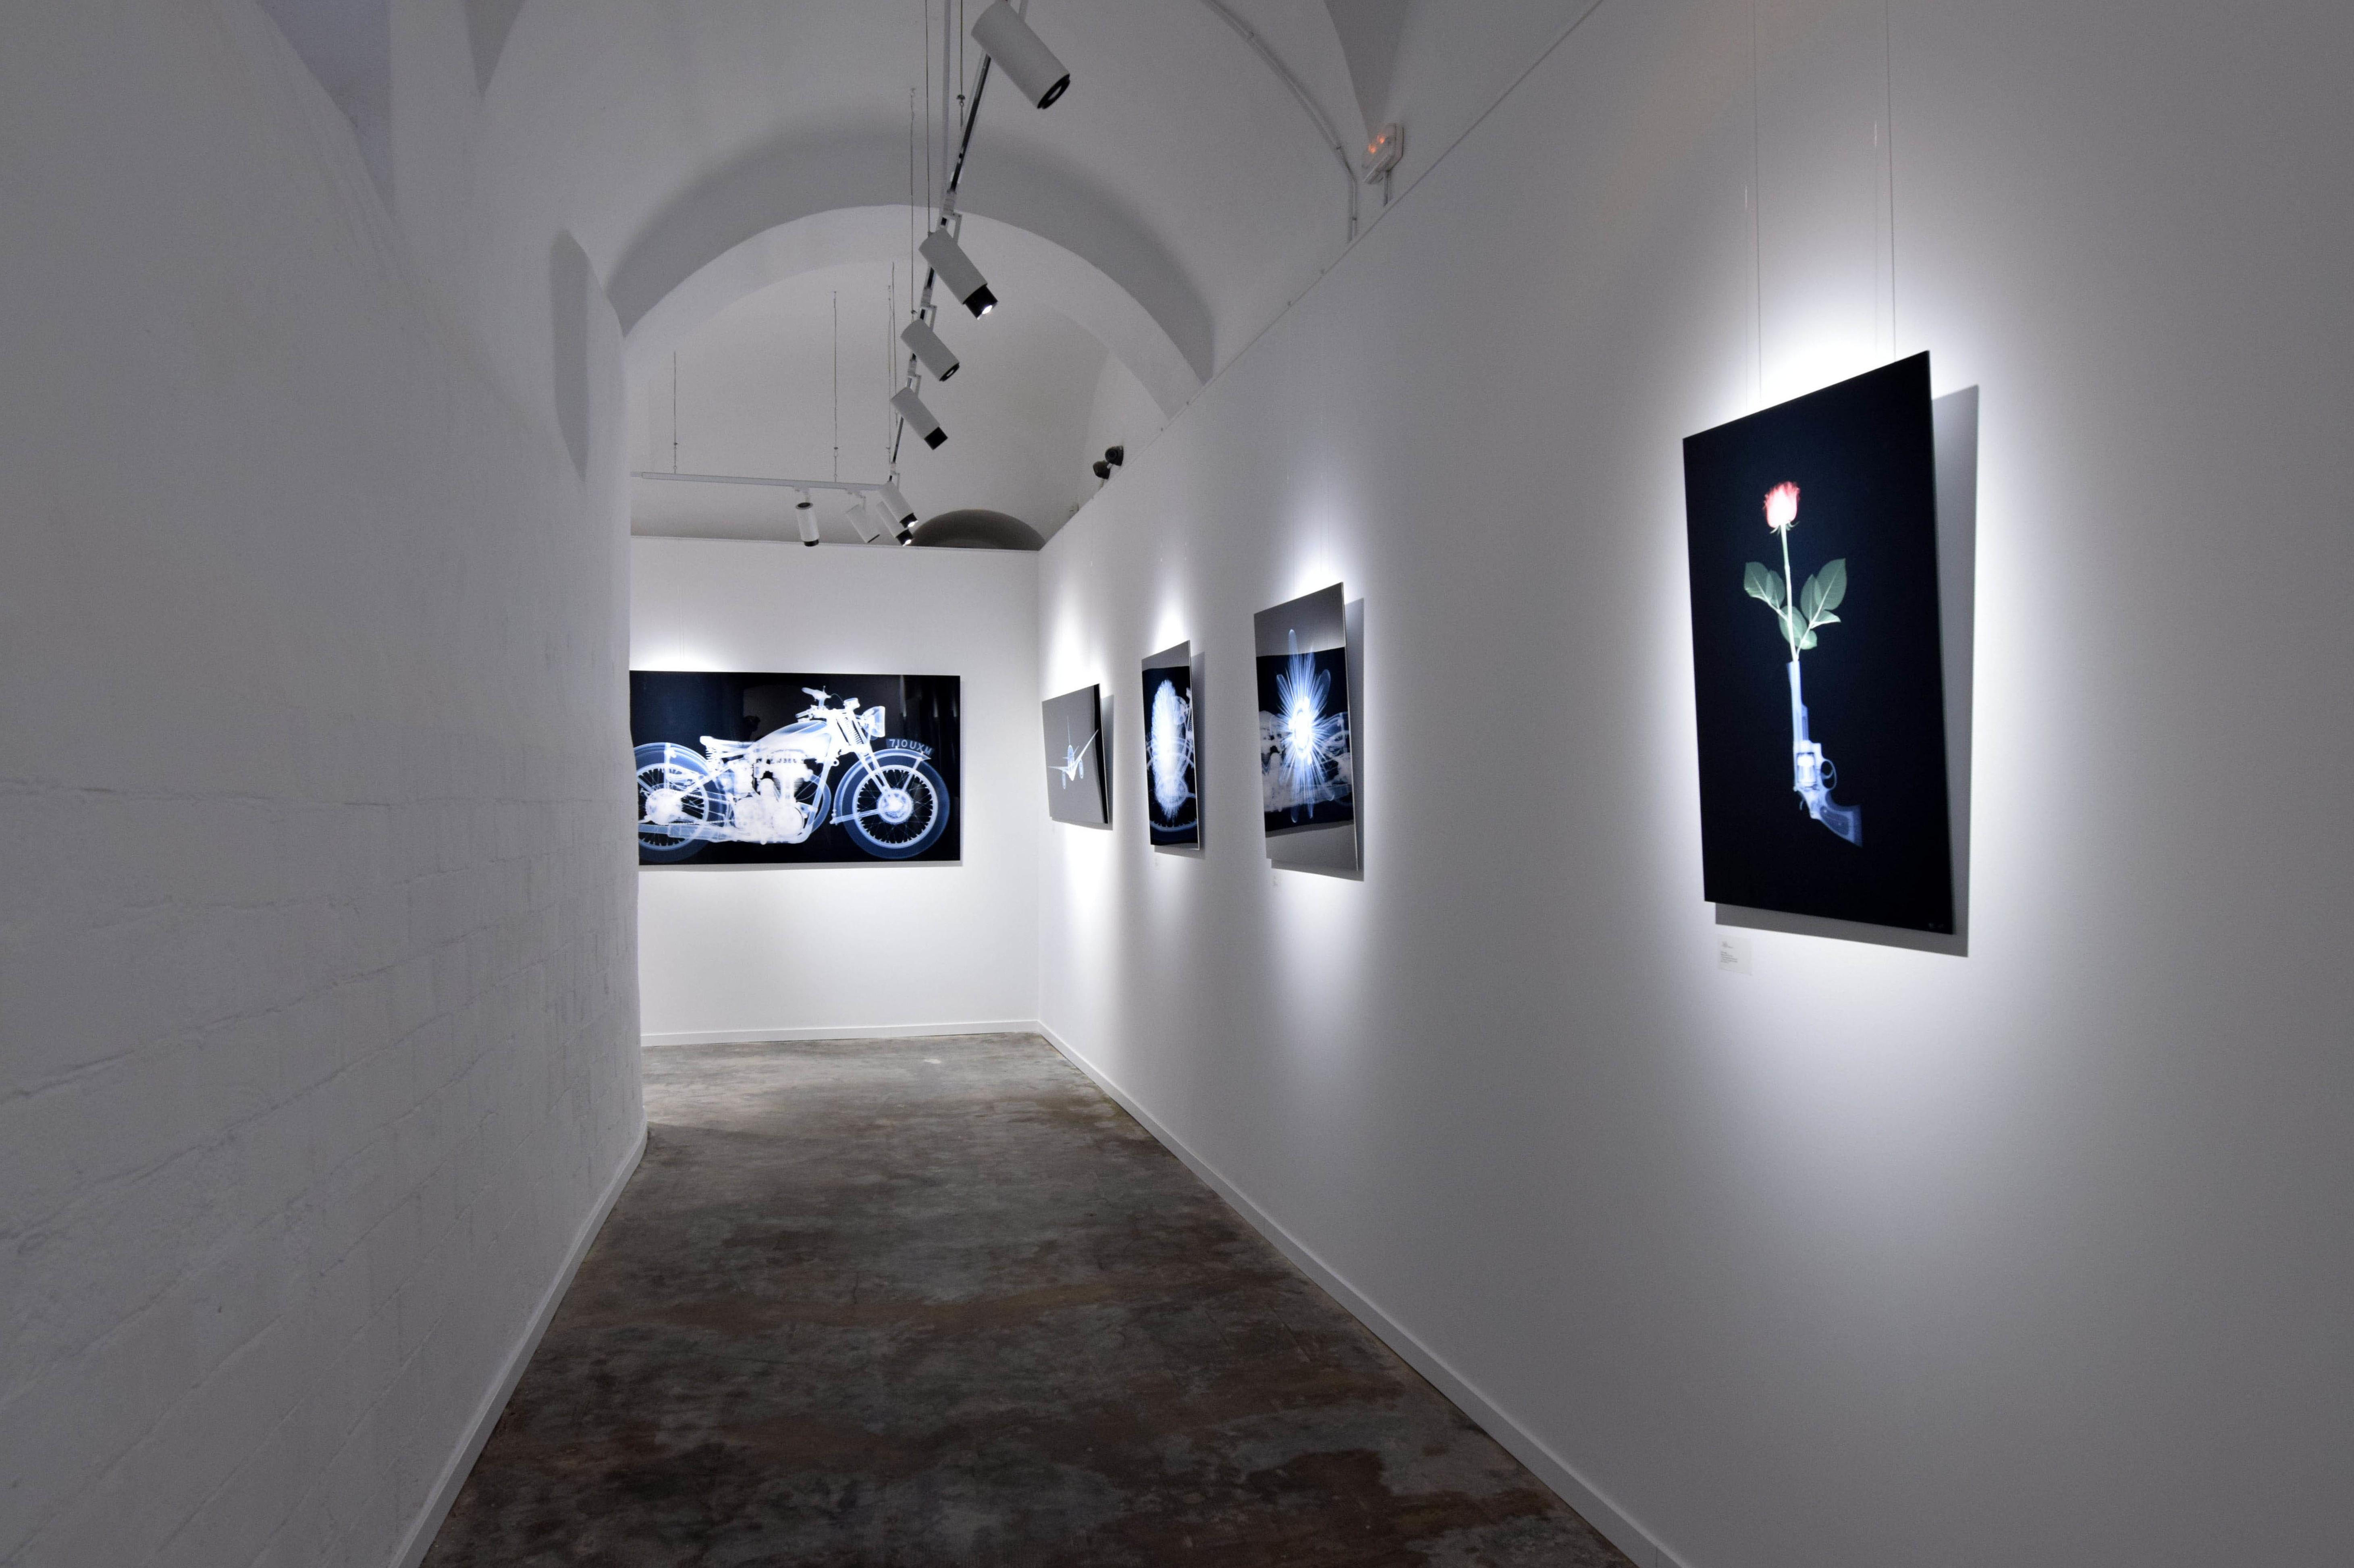 Espacio Villa del Arte | Galería de arte y sala de exposiciones en el gótico de Barcelona | Pasillo